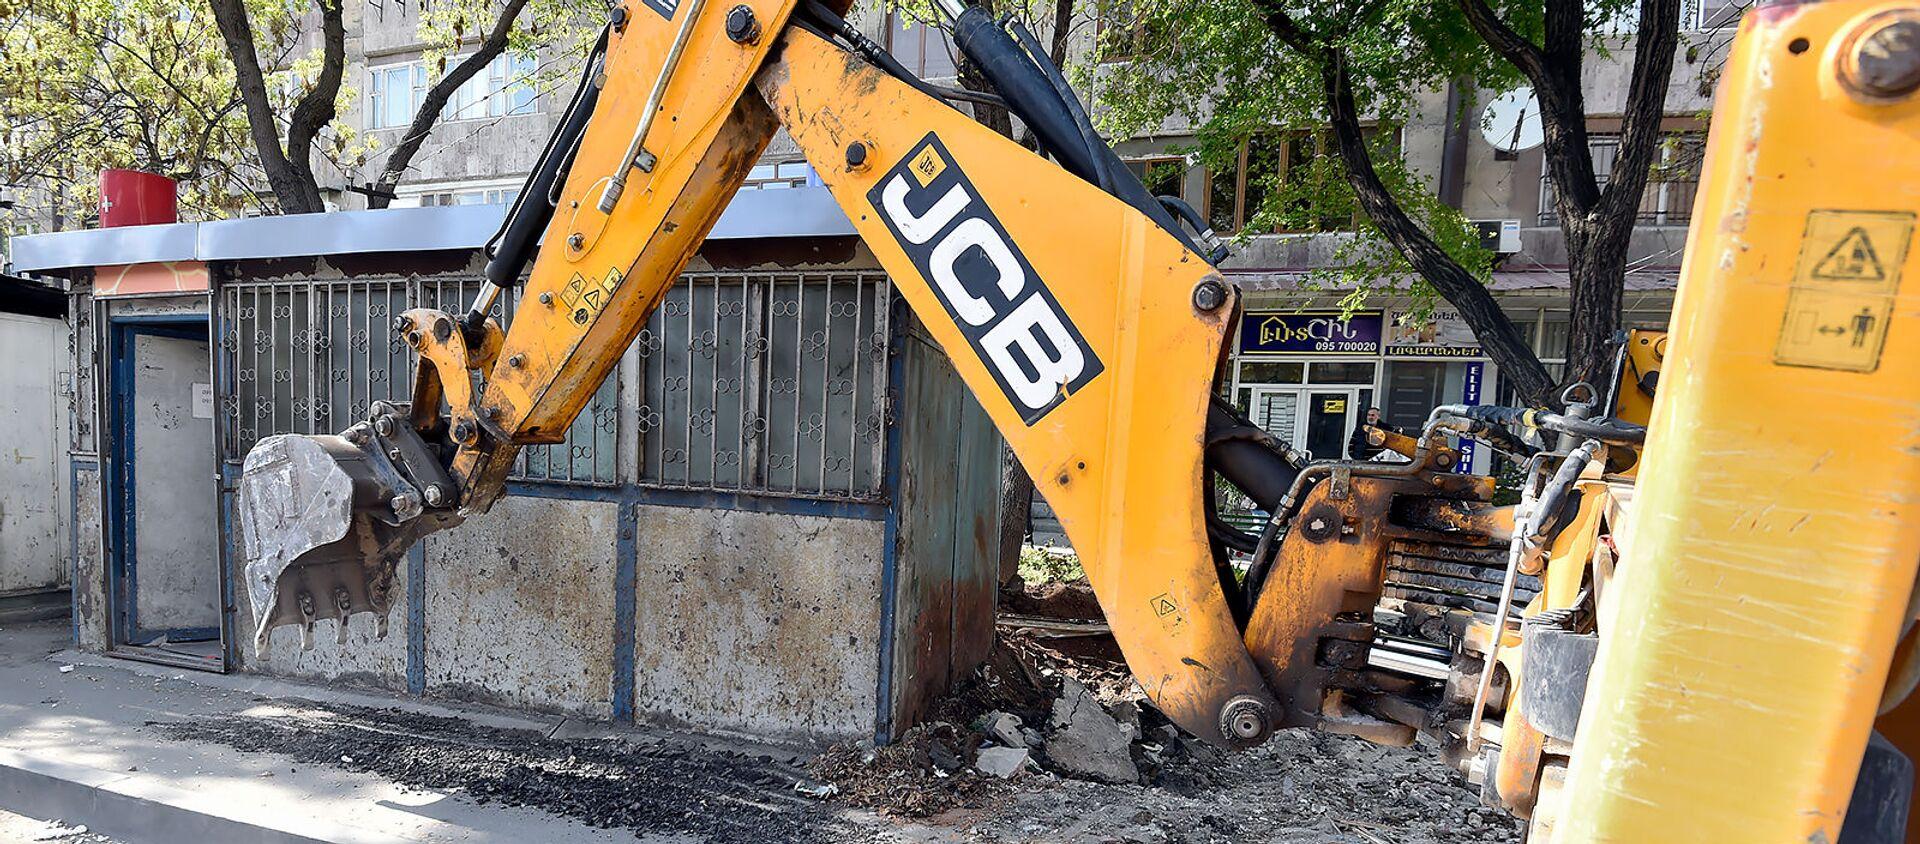 Мерия Еревана приступила к демонтажу незаконно построенных ларьков на улице Нар-Доса (29 апреля 2019). Еревaн - Sputnik Արմենիա, 1920, 23.06.2021